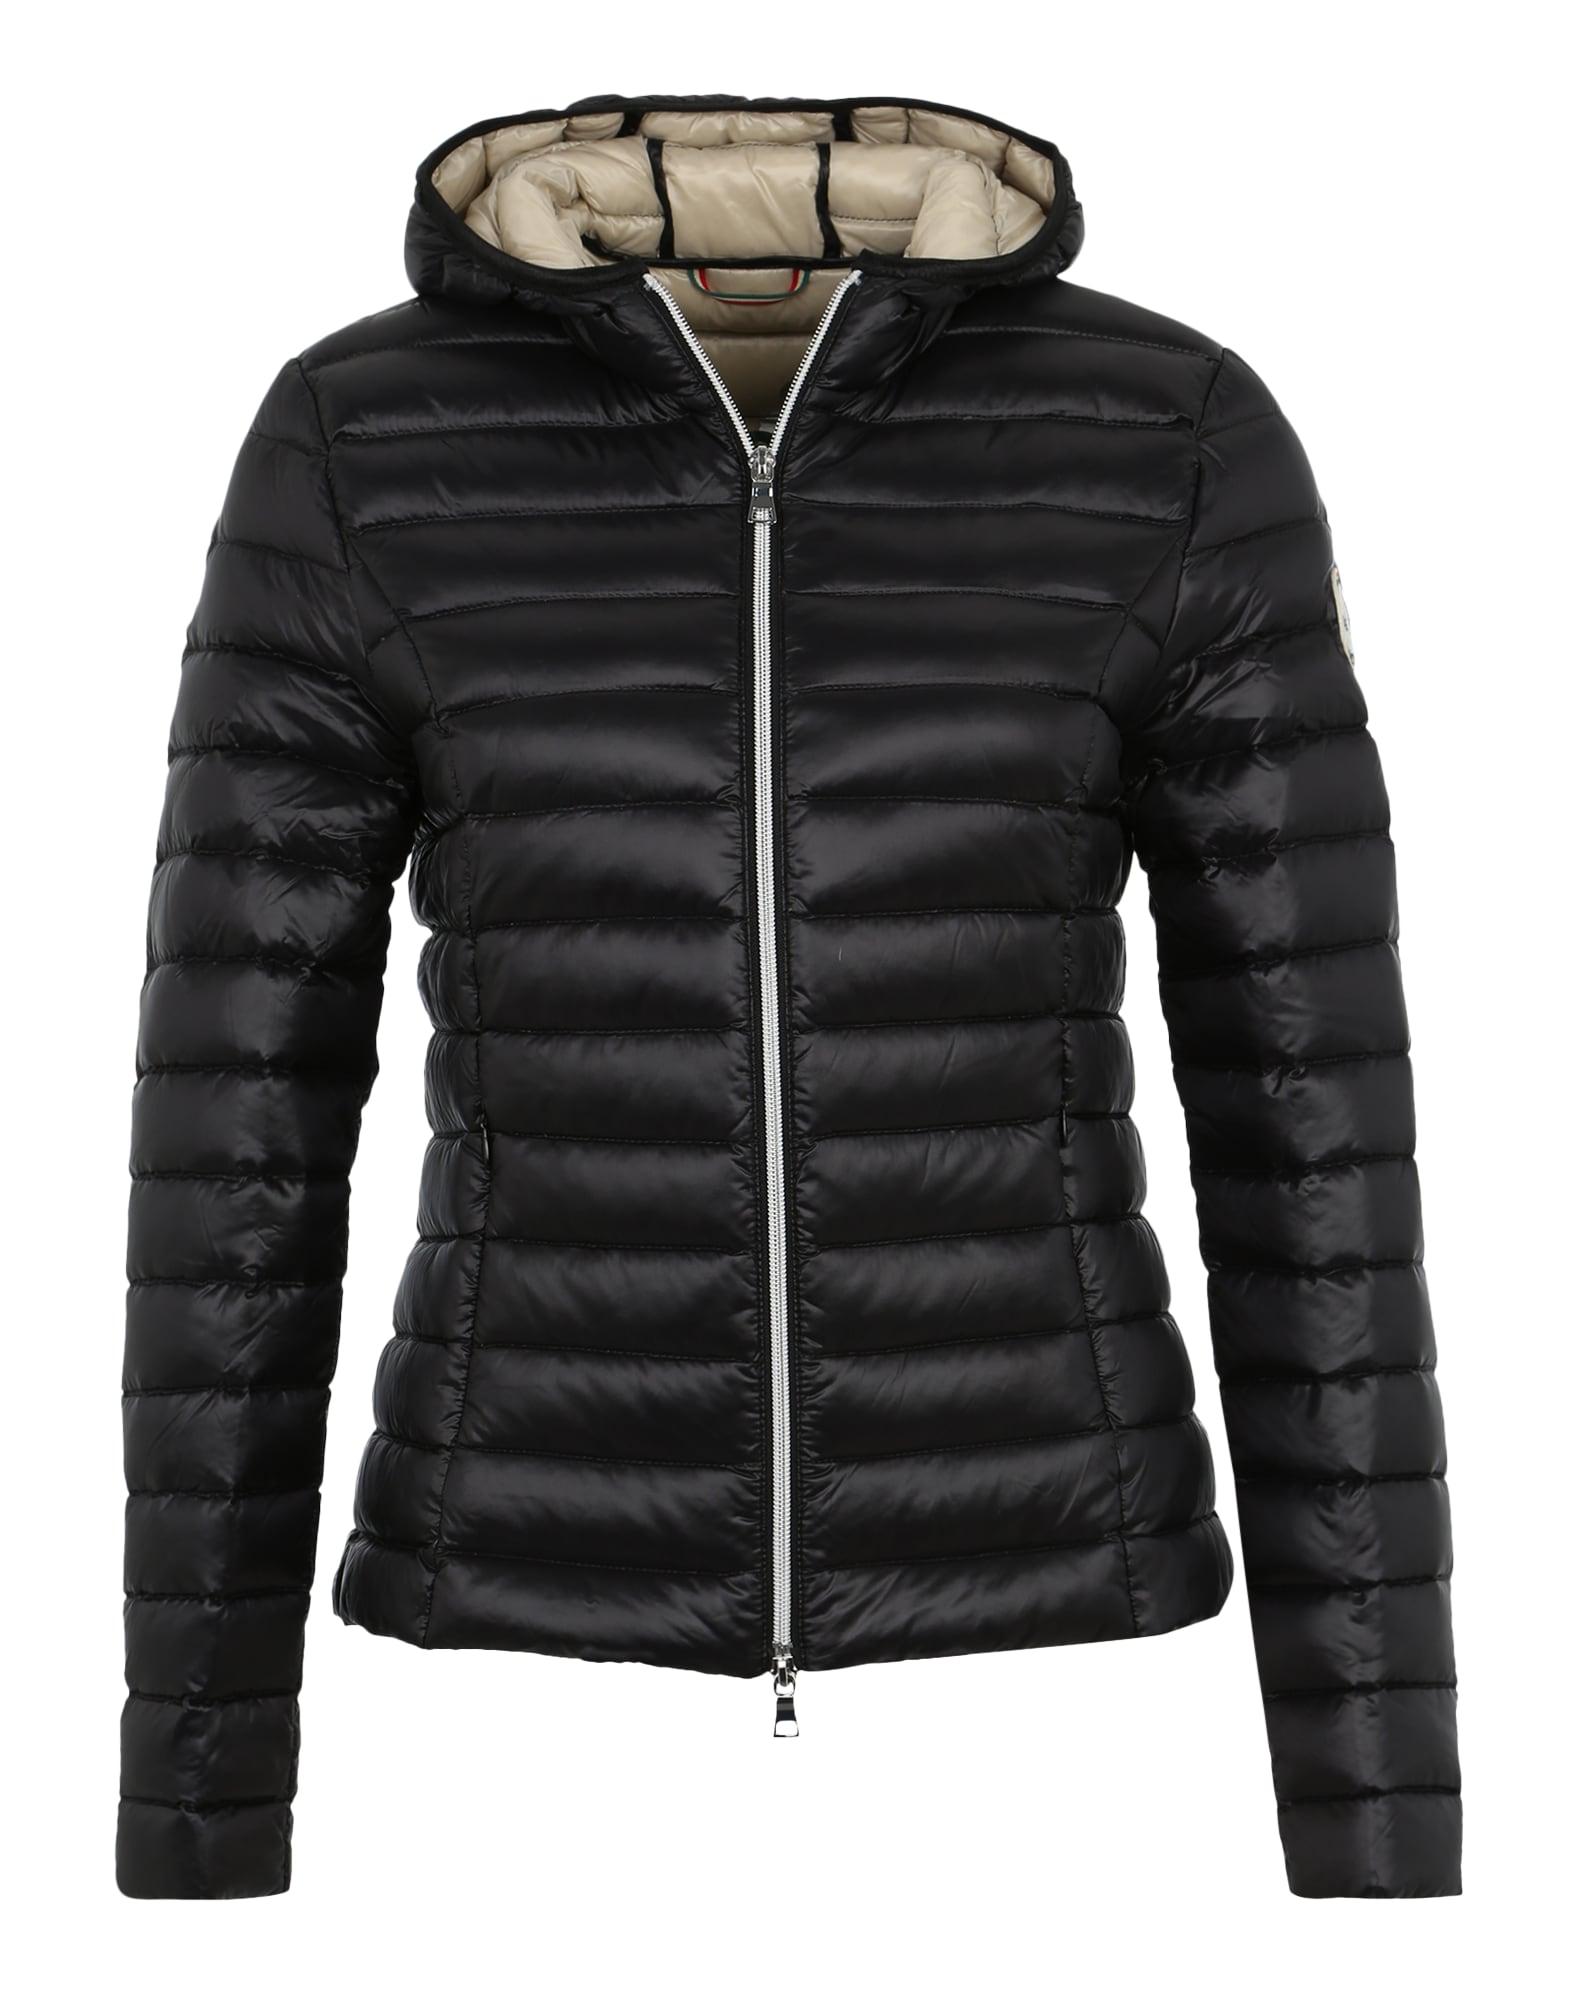 Zimní bunda Forte černá No. 1 Como